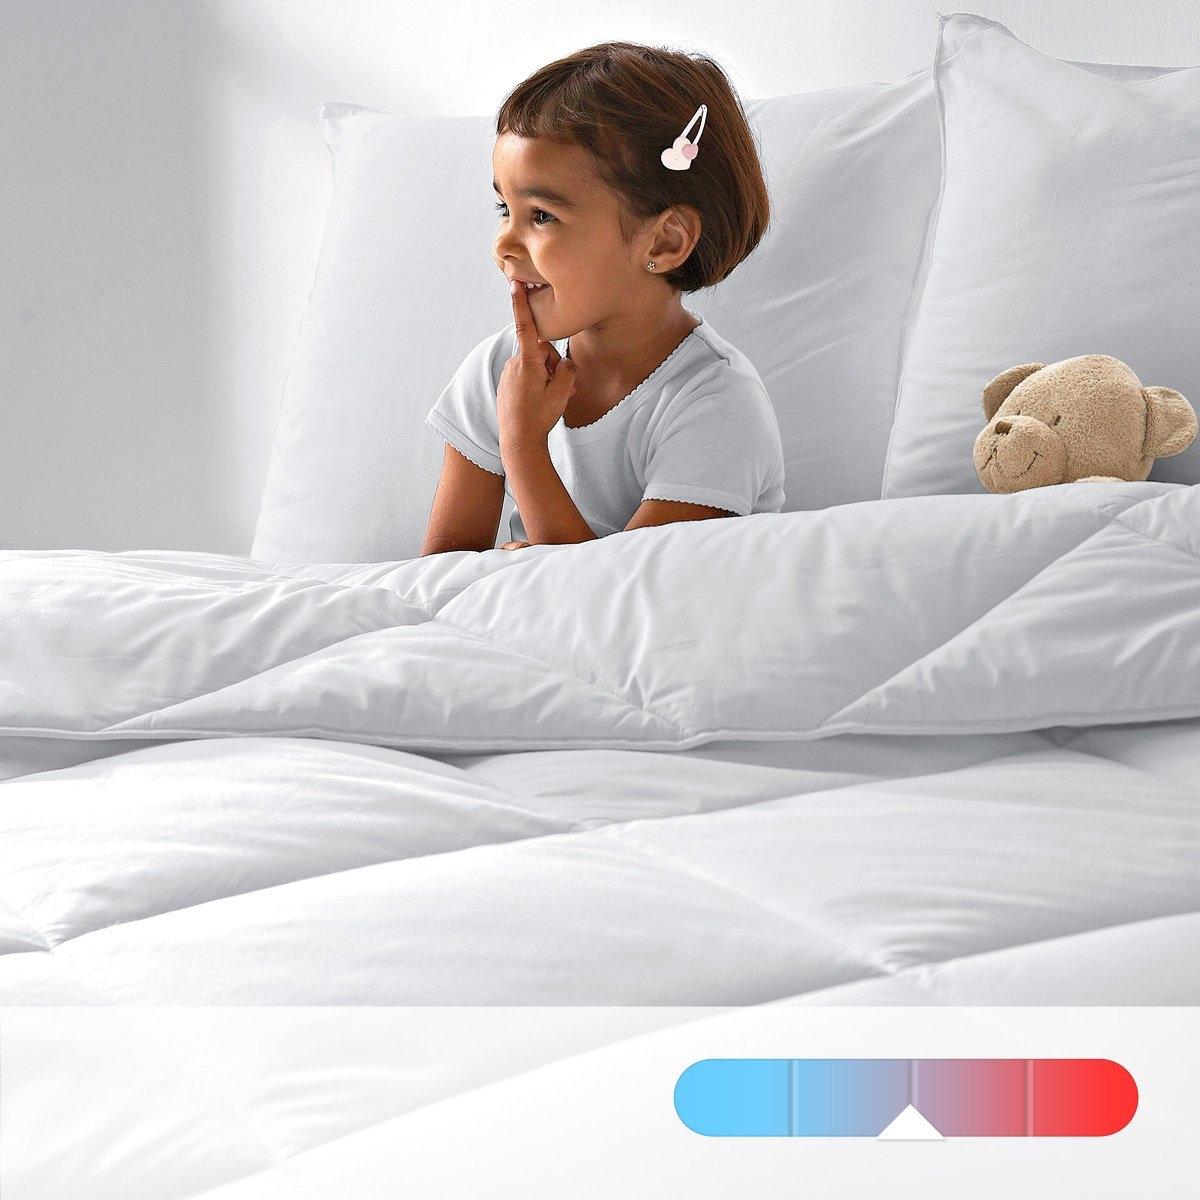 Синтетическое одеяло LA REDOUTE CREATION, 350 г/м²